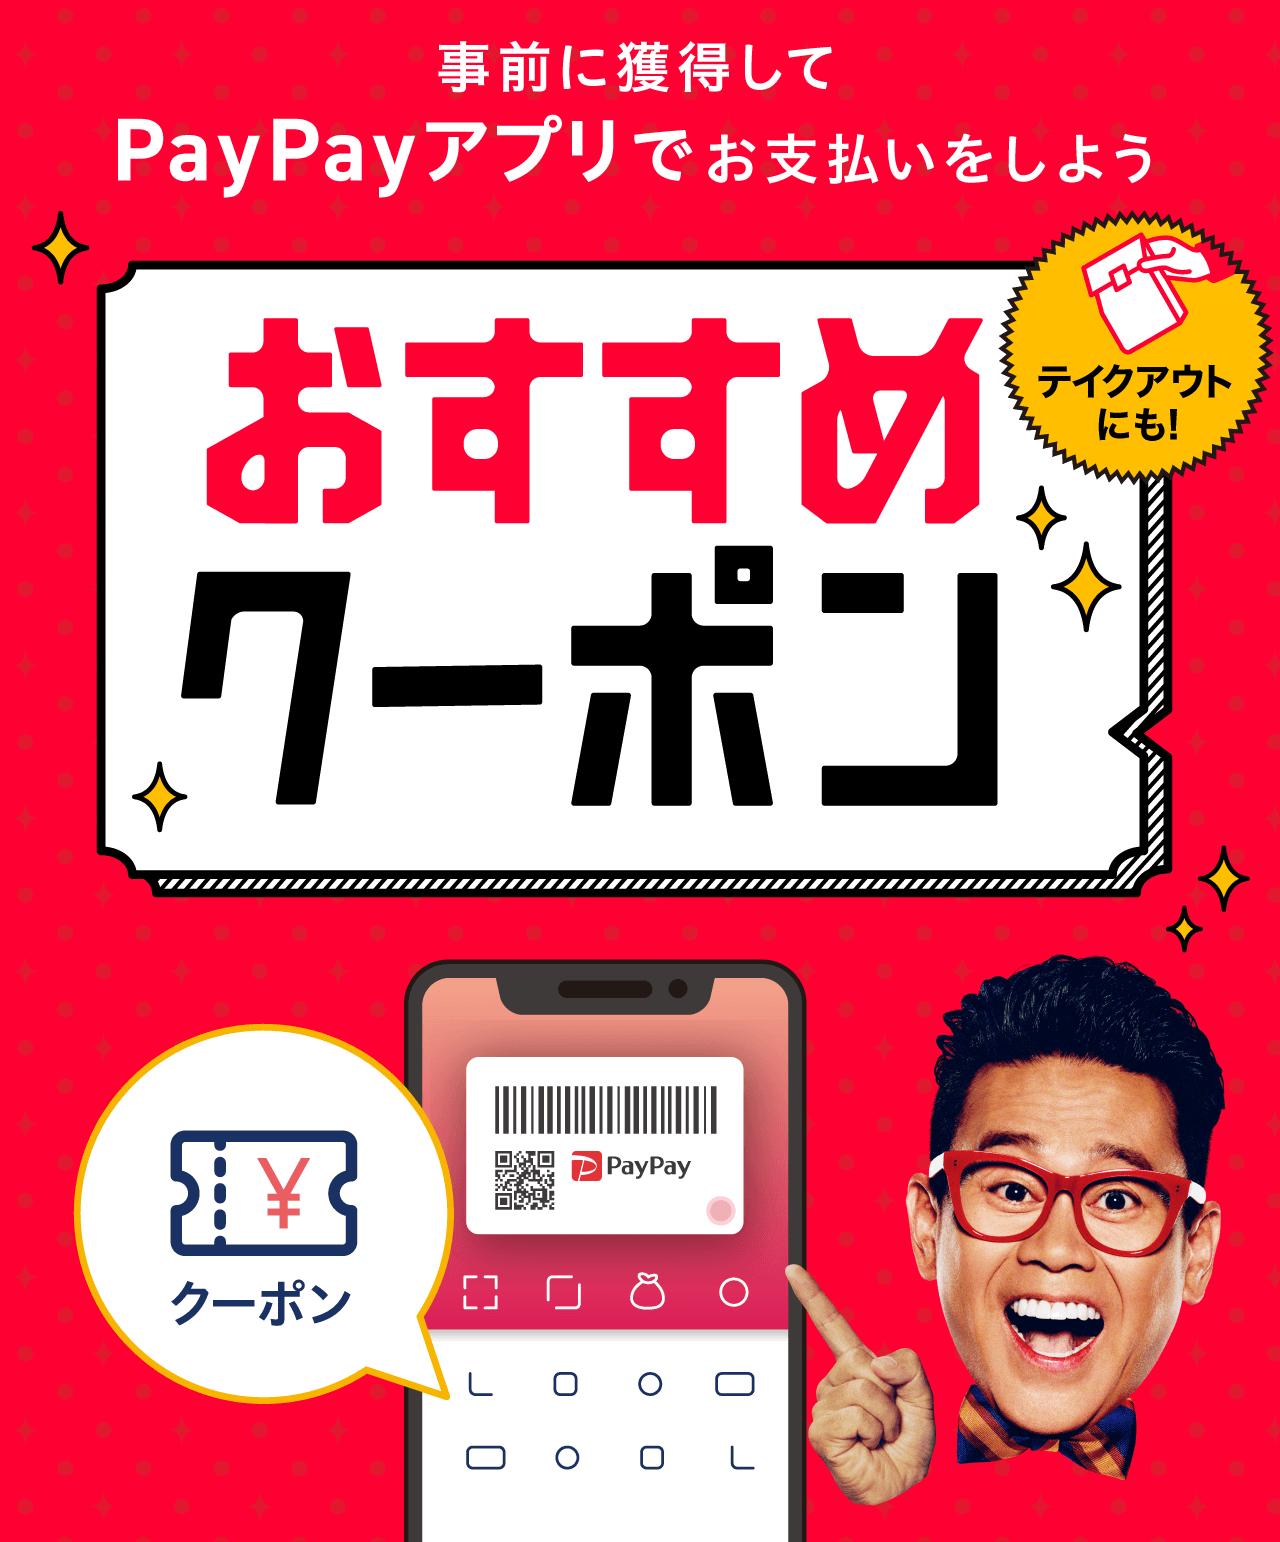 事前に獲得してPayPayアプリでお支払いをしよう おすすめクーポン